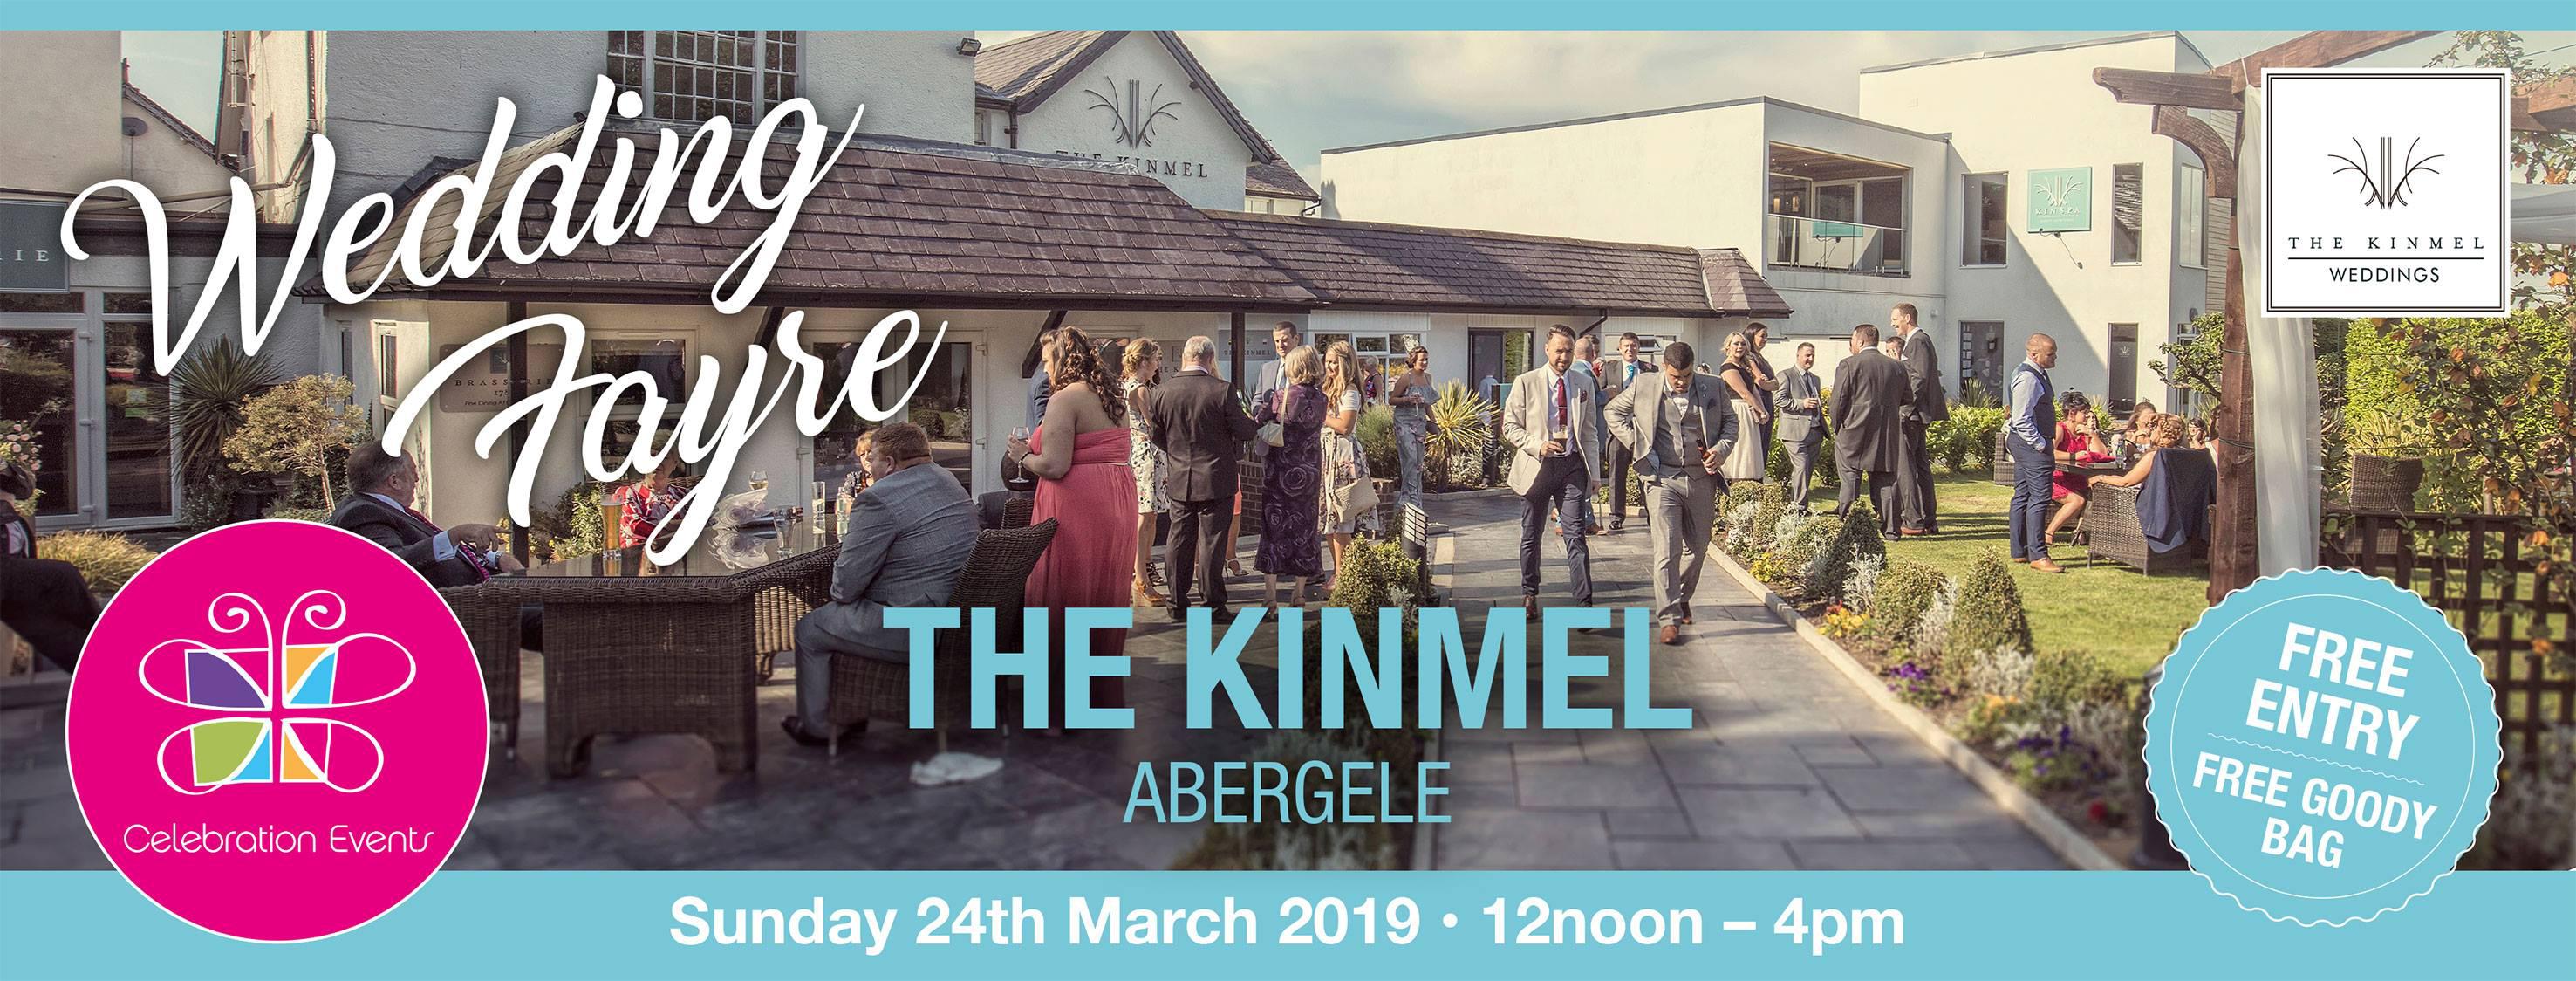 Kinmel Wedding Fayre 2019